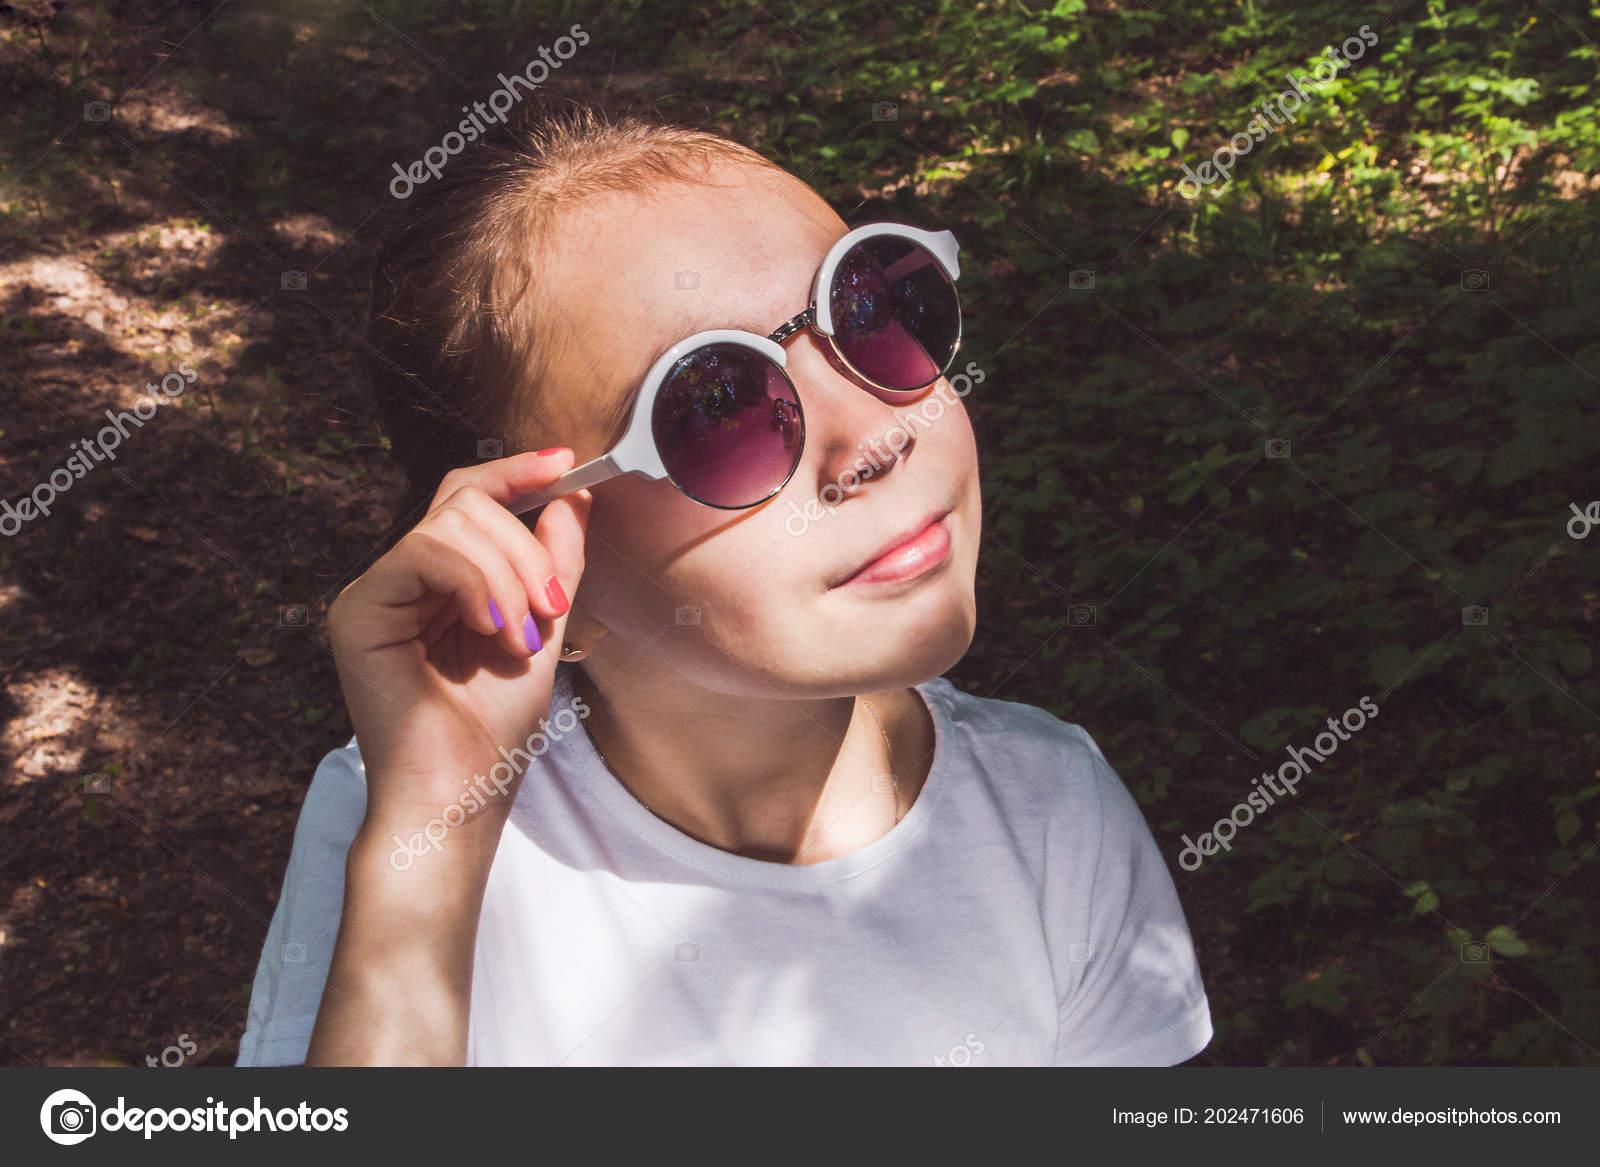 d09b61833d Bonne petite fille avec des lunettes de soleil en regardant le soleil dans  la forêt de l'été– images de stock libres de droits